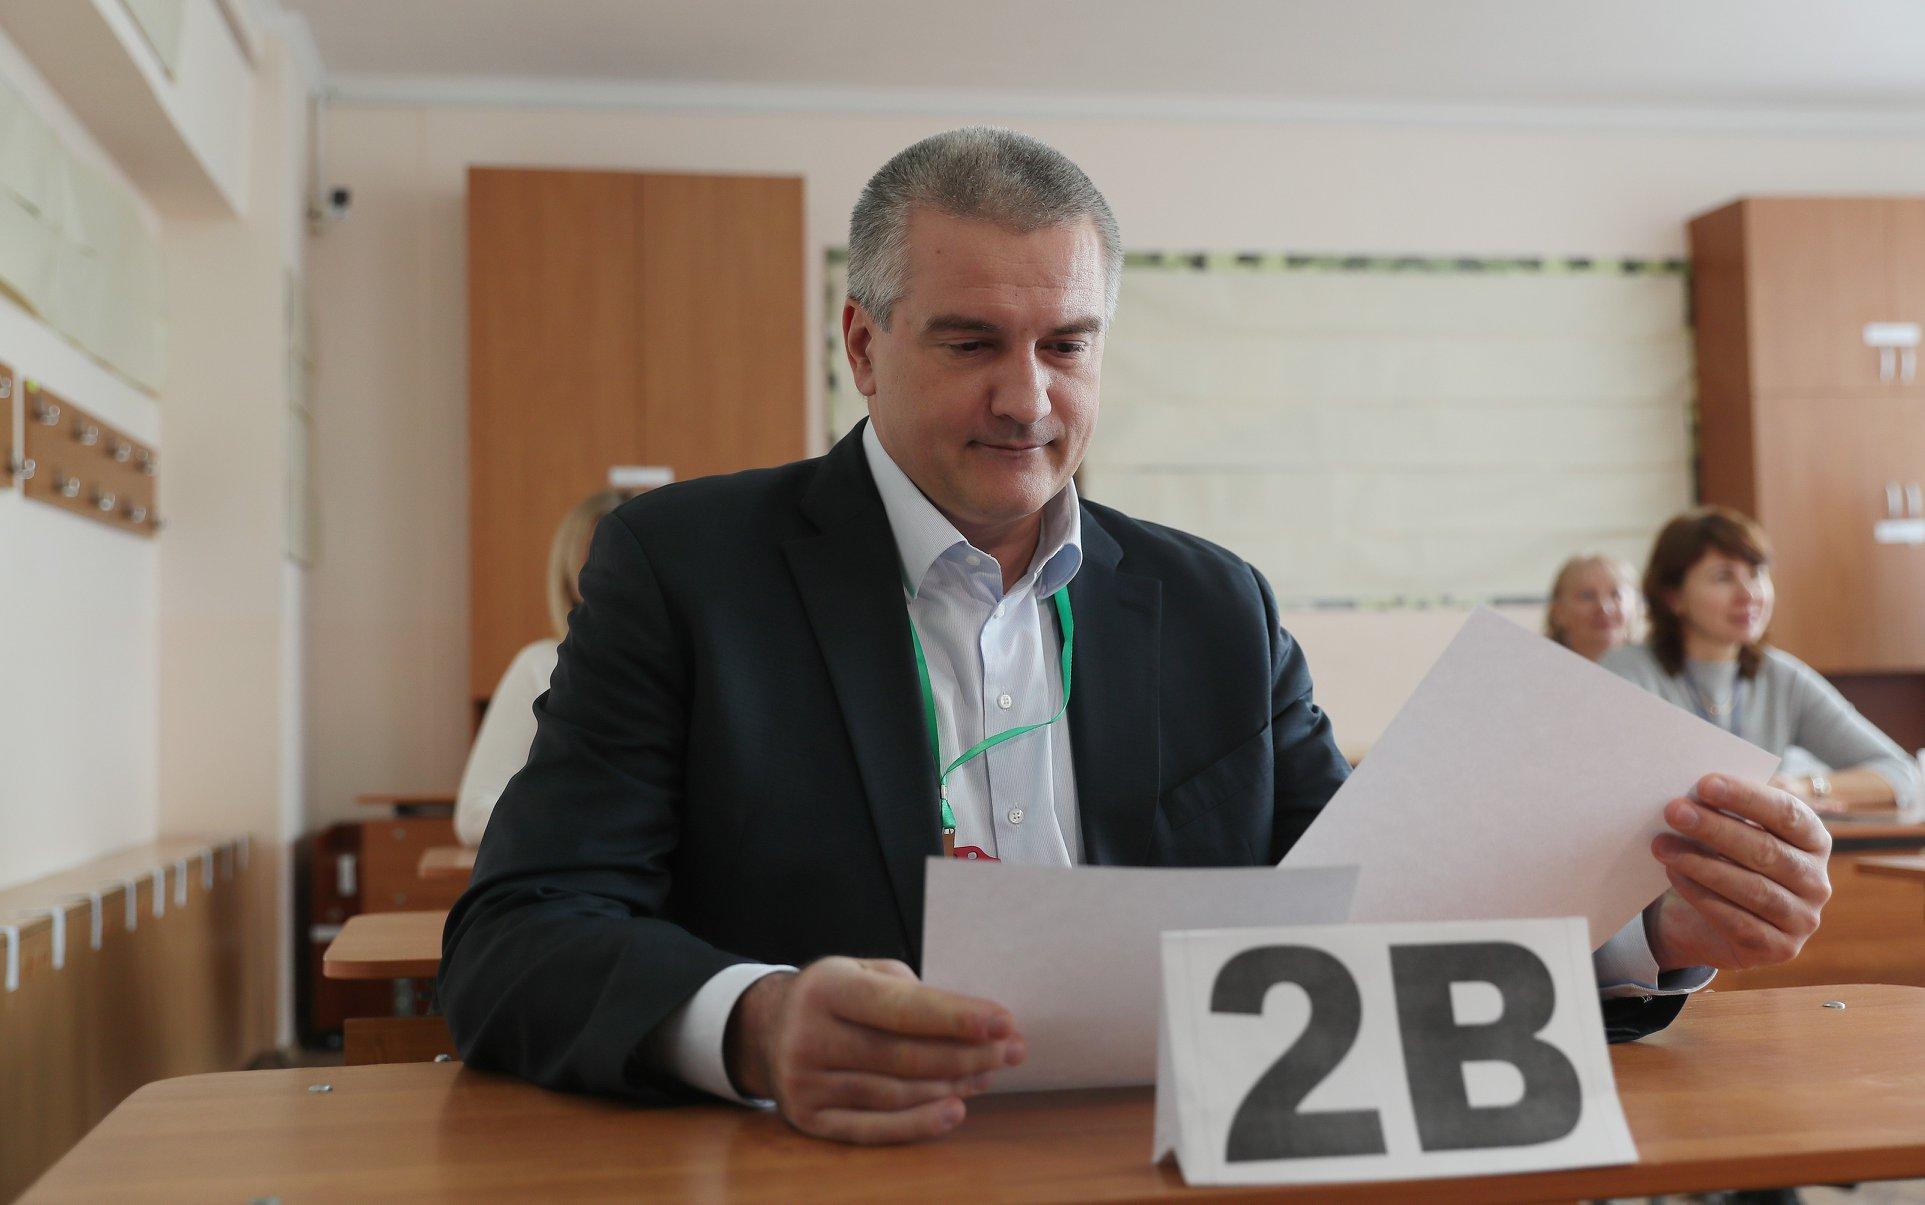 Аксенов сдал экзамен по русскому языку